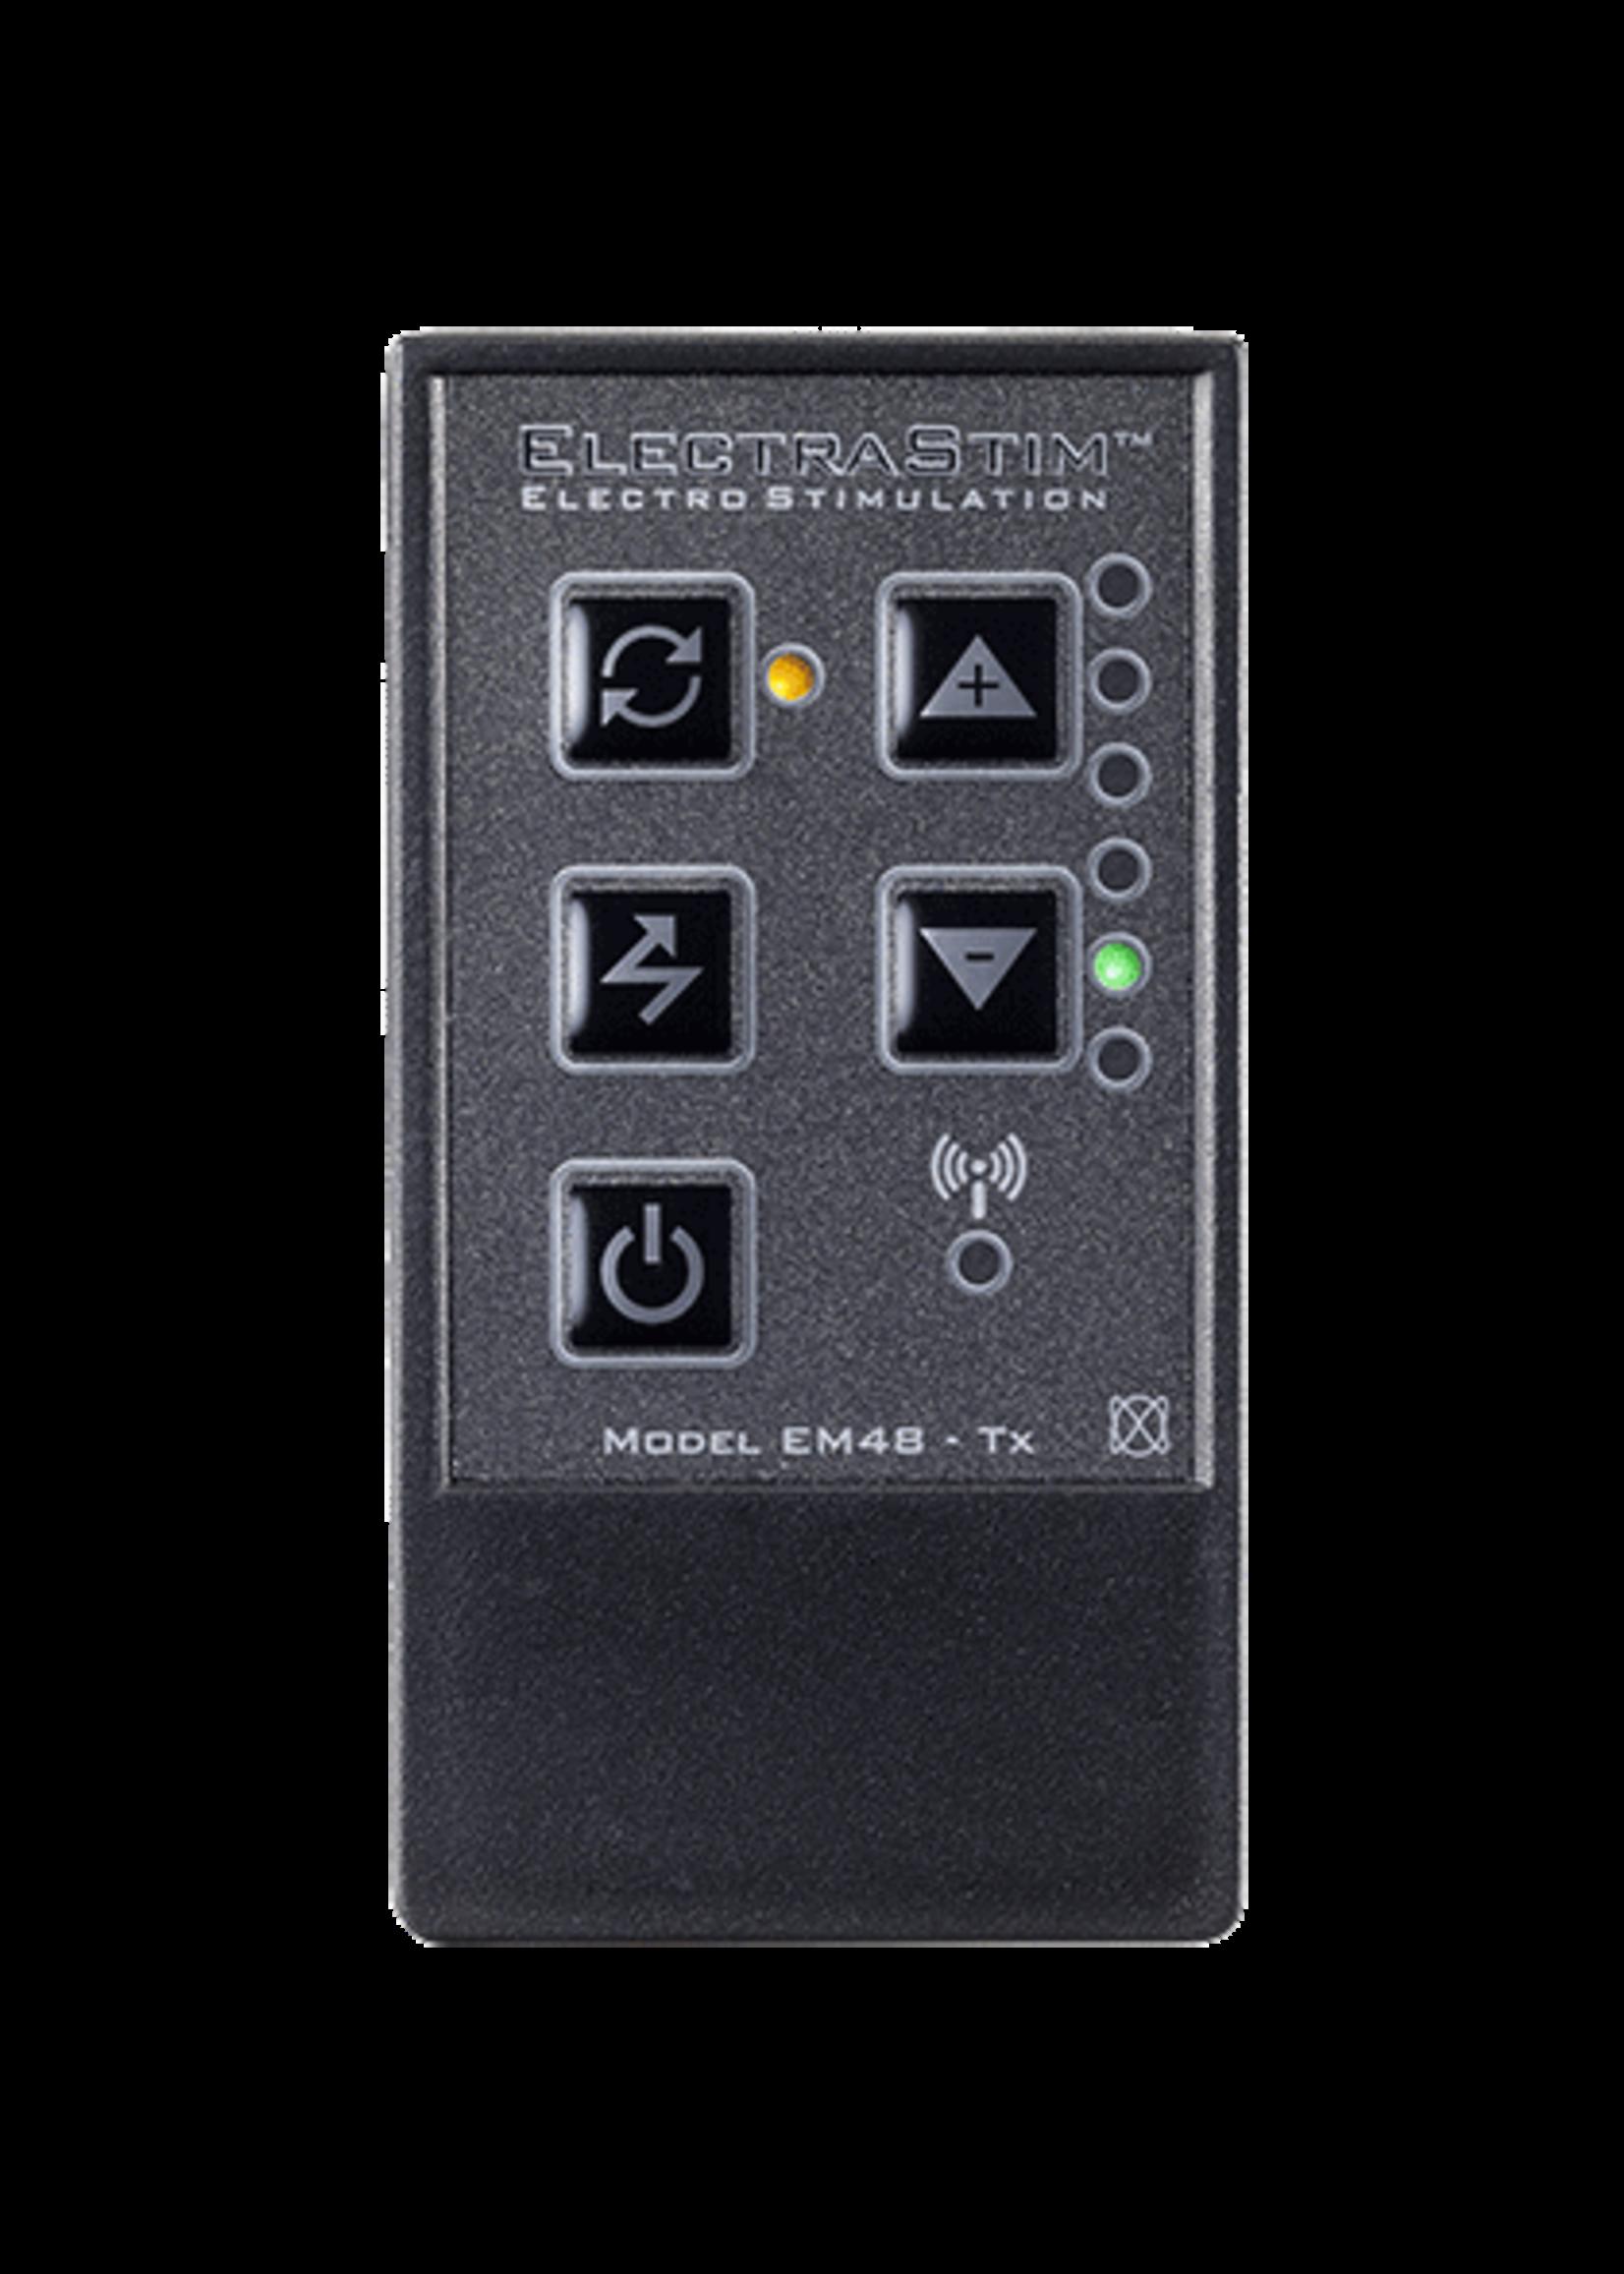 ElectraStim ElectraStim The Controller